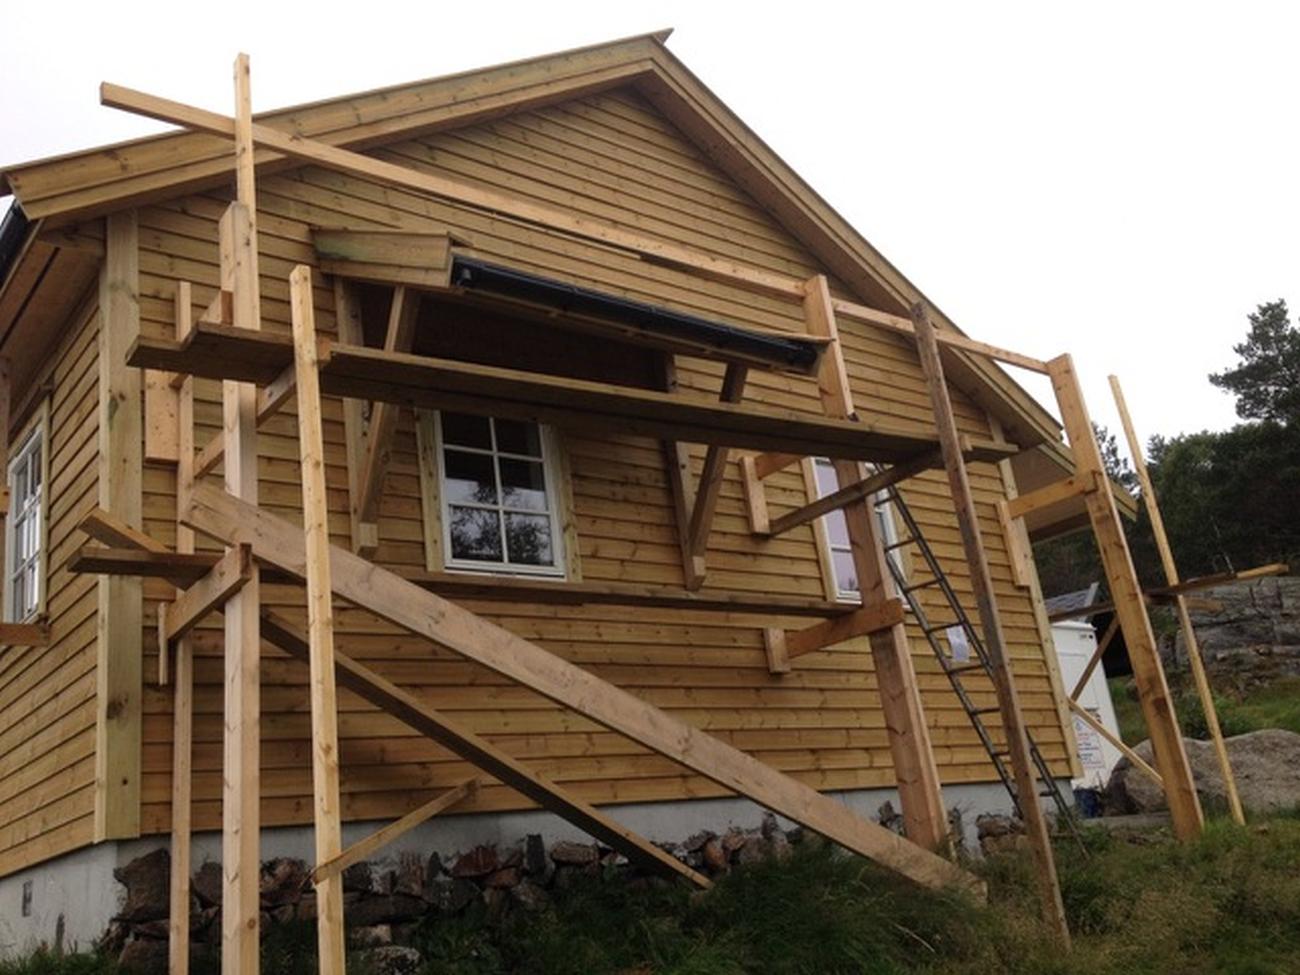 Svært mye dugnad ligger bak hytten. Foto: Viggo